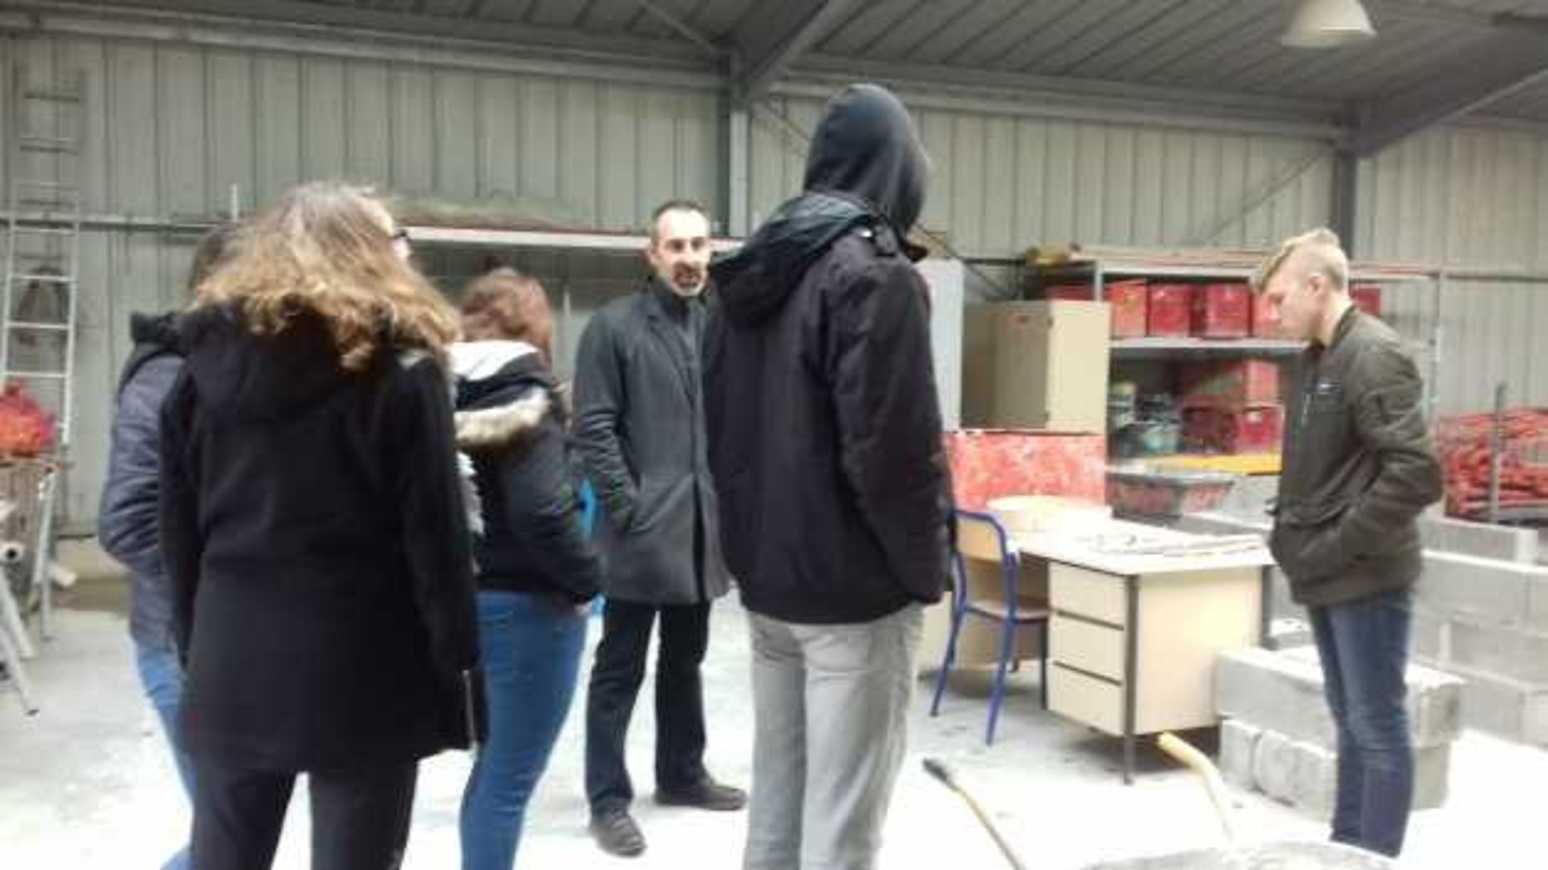 Les élèves de l'ULIS en visite en vue de leur orientation professionnelle ulis15